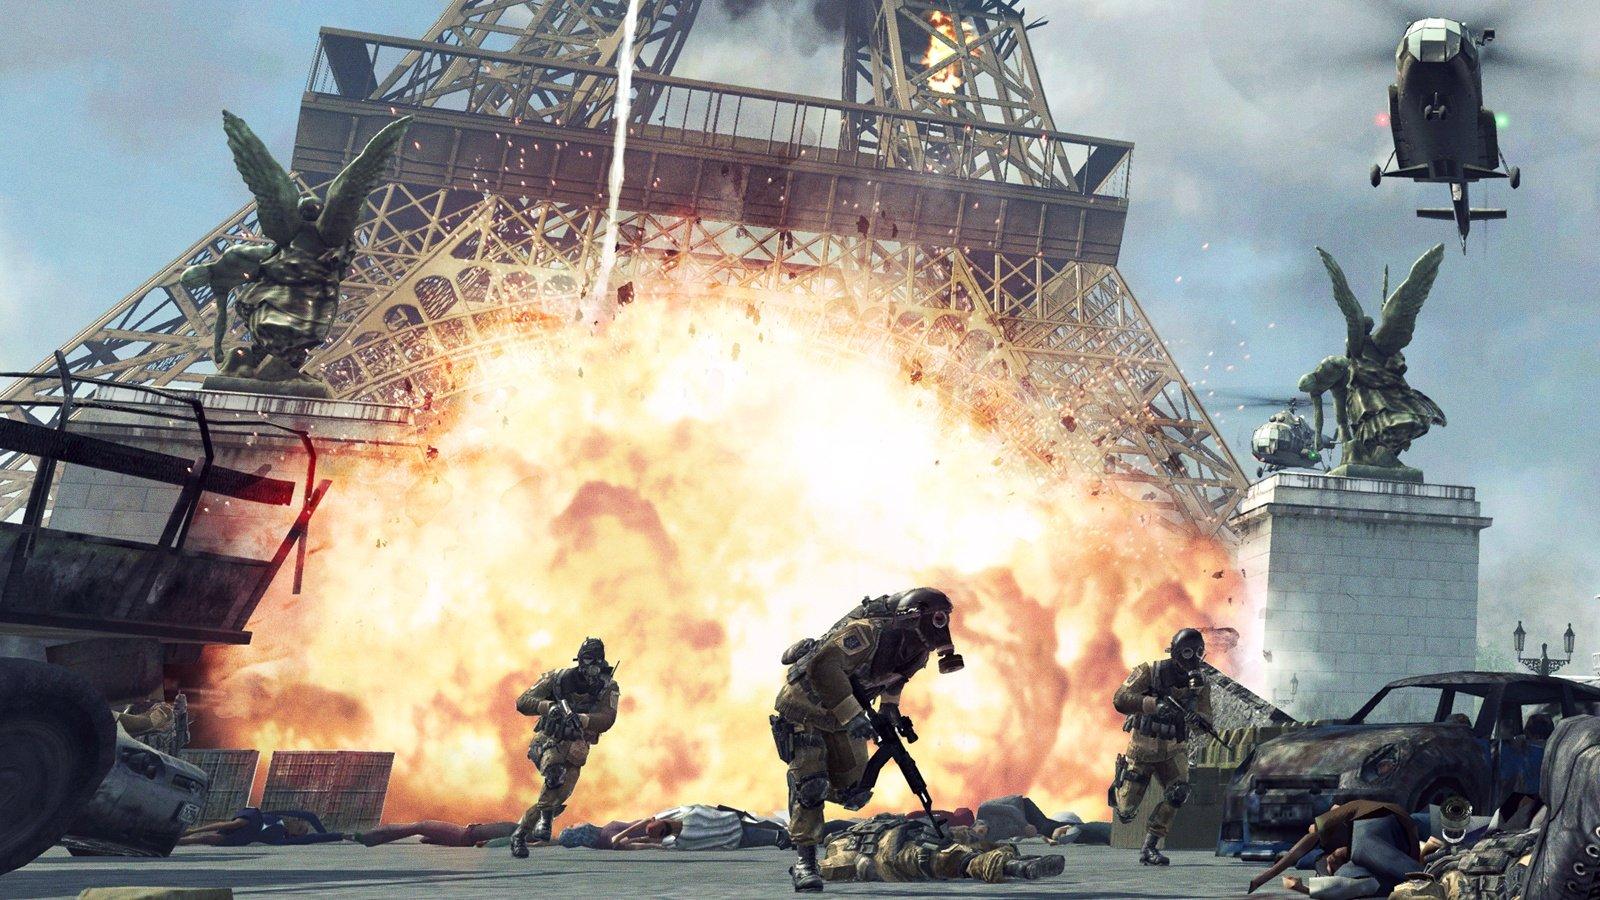 Приветствую всех читателей Канобу. Серия Call of duty, это феномен игровой индустрии. Только эта игра смогла доказат ... - Изображение 1